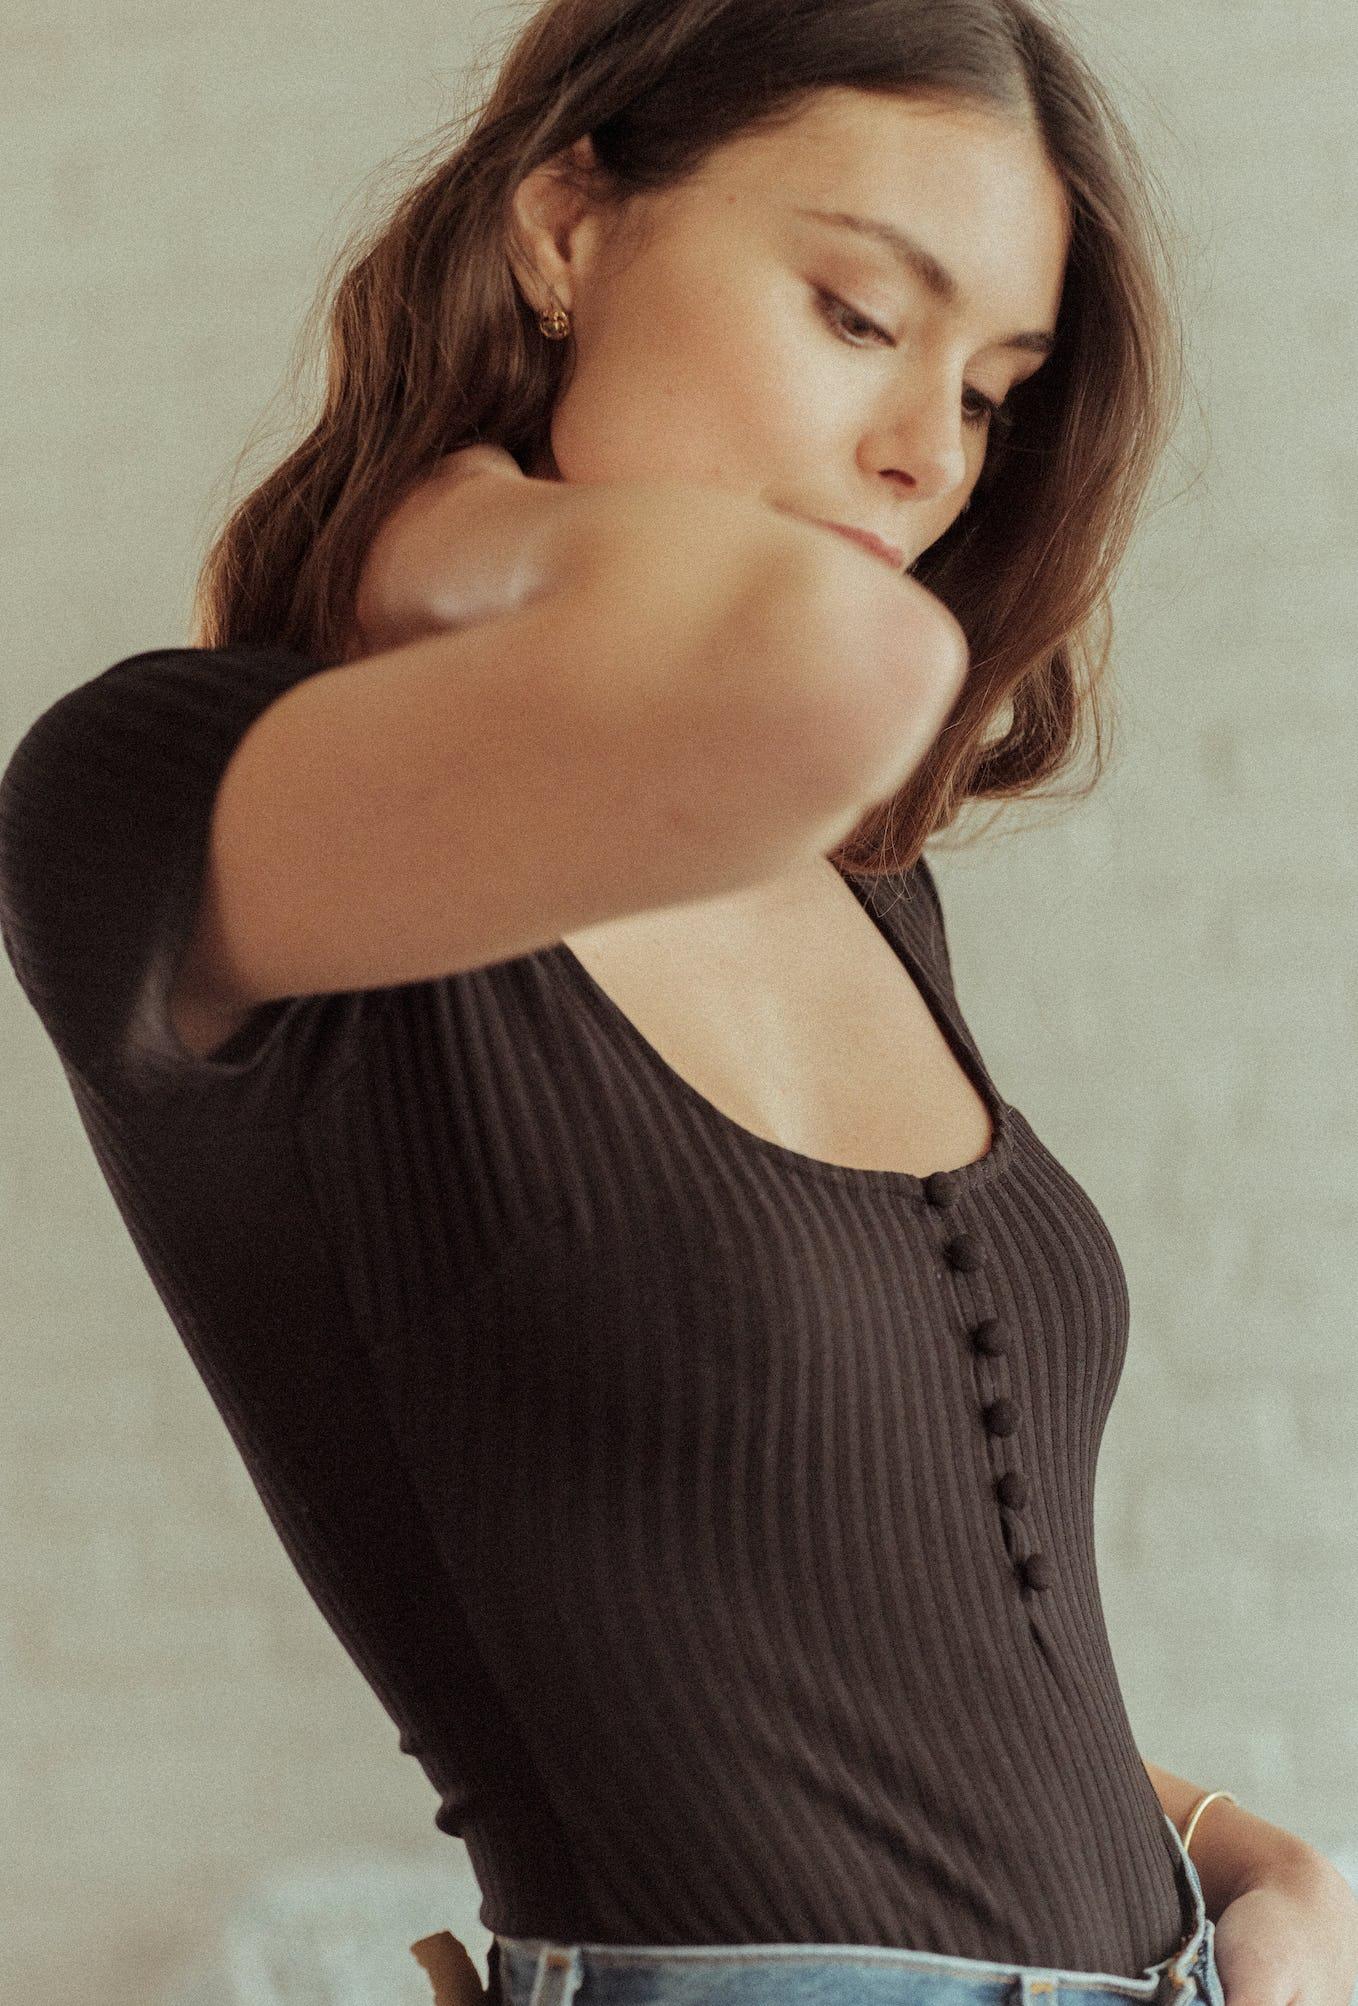 Gayana bodysuit in black